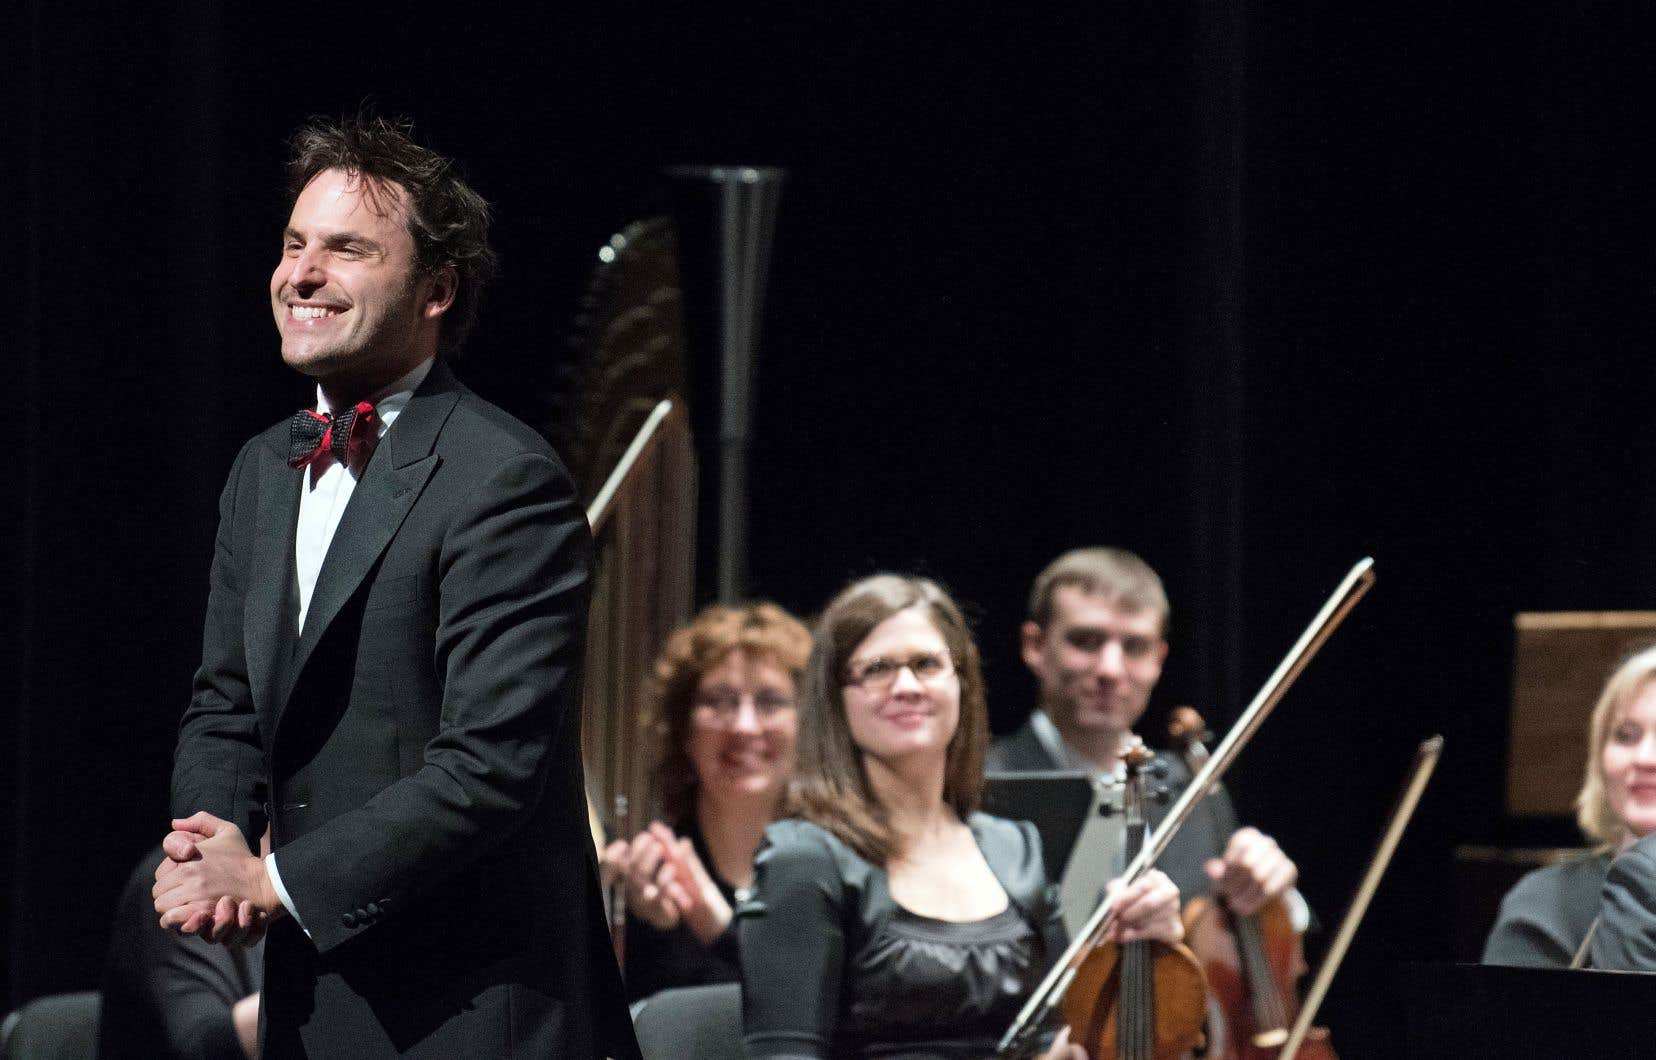 Jean-Philippe Sylvestre est peut-être tombé dans la musique de Mathieu avant Alain Lefèvre, car il était un tout jeune pianiste âgé de 13ans, en 1993, quand Jean-Claude Labrecque lui a proposé de participer à son documentaire «André Mathieu, musicien».